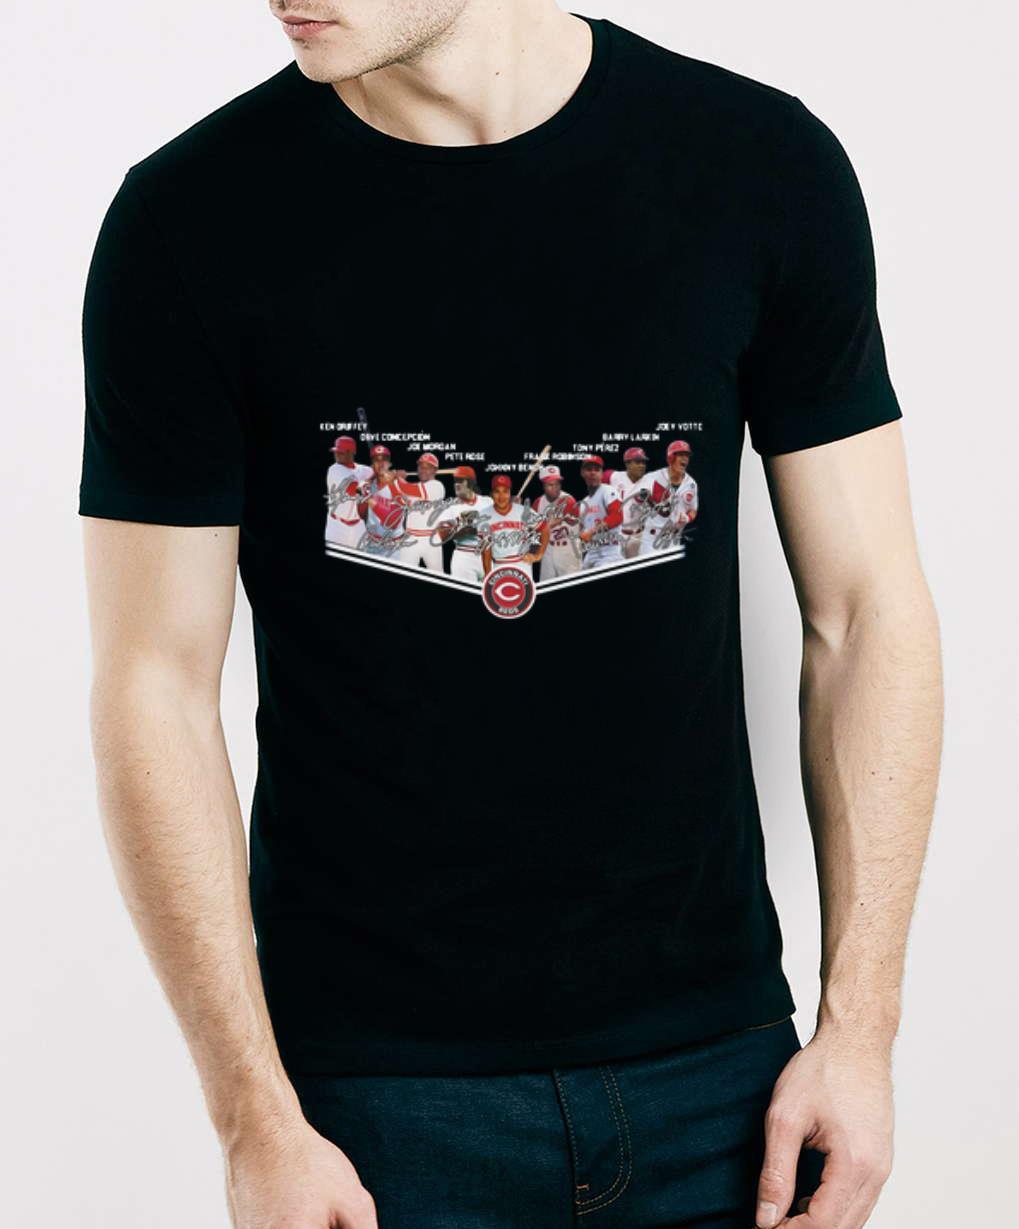 Official Cincinnati Reds Legend Players Team Signatures Shirt 3 1.jpg